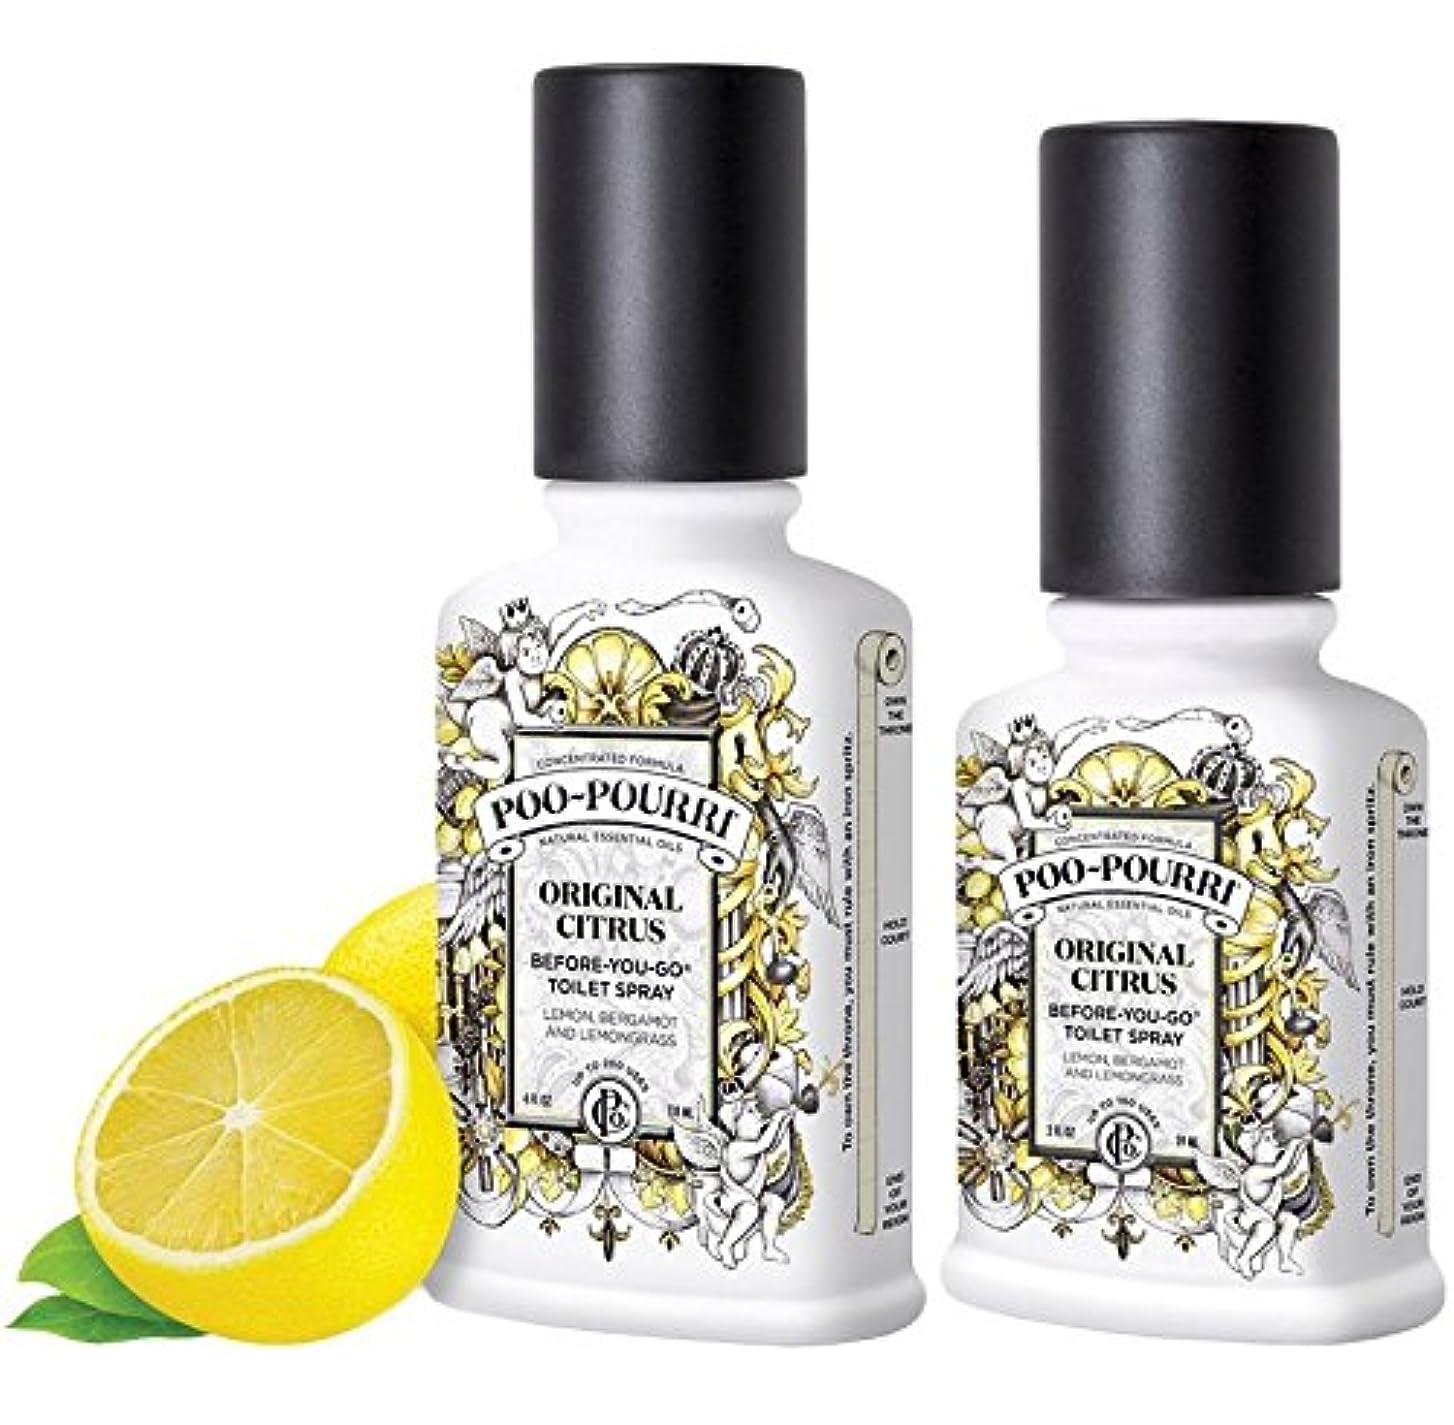 メロン進捗応じる(Original) - Poo-Pourri Preventive Bathroom Odour Spray 2-Piece Set, Includes 60ml and 120ml Bottle, Poo-Pourri Original